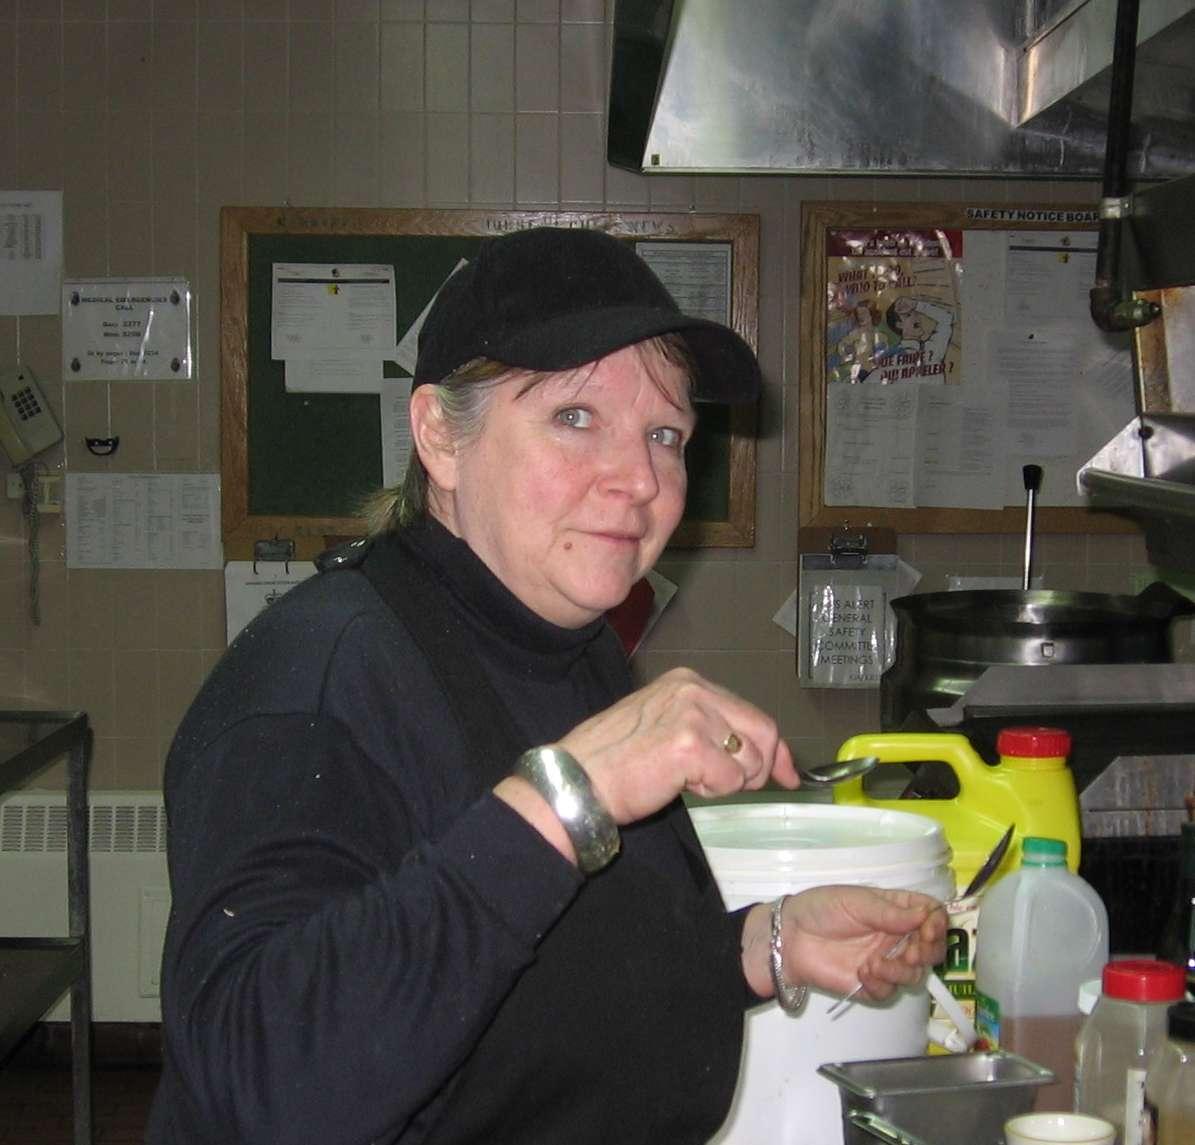 Dorothy Edwards vores favorit-kok prøvesmager lidt mad i det lille køkken i fællesrummet i Spinnaker bygningen i Alert.